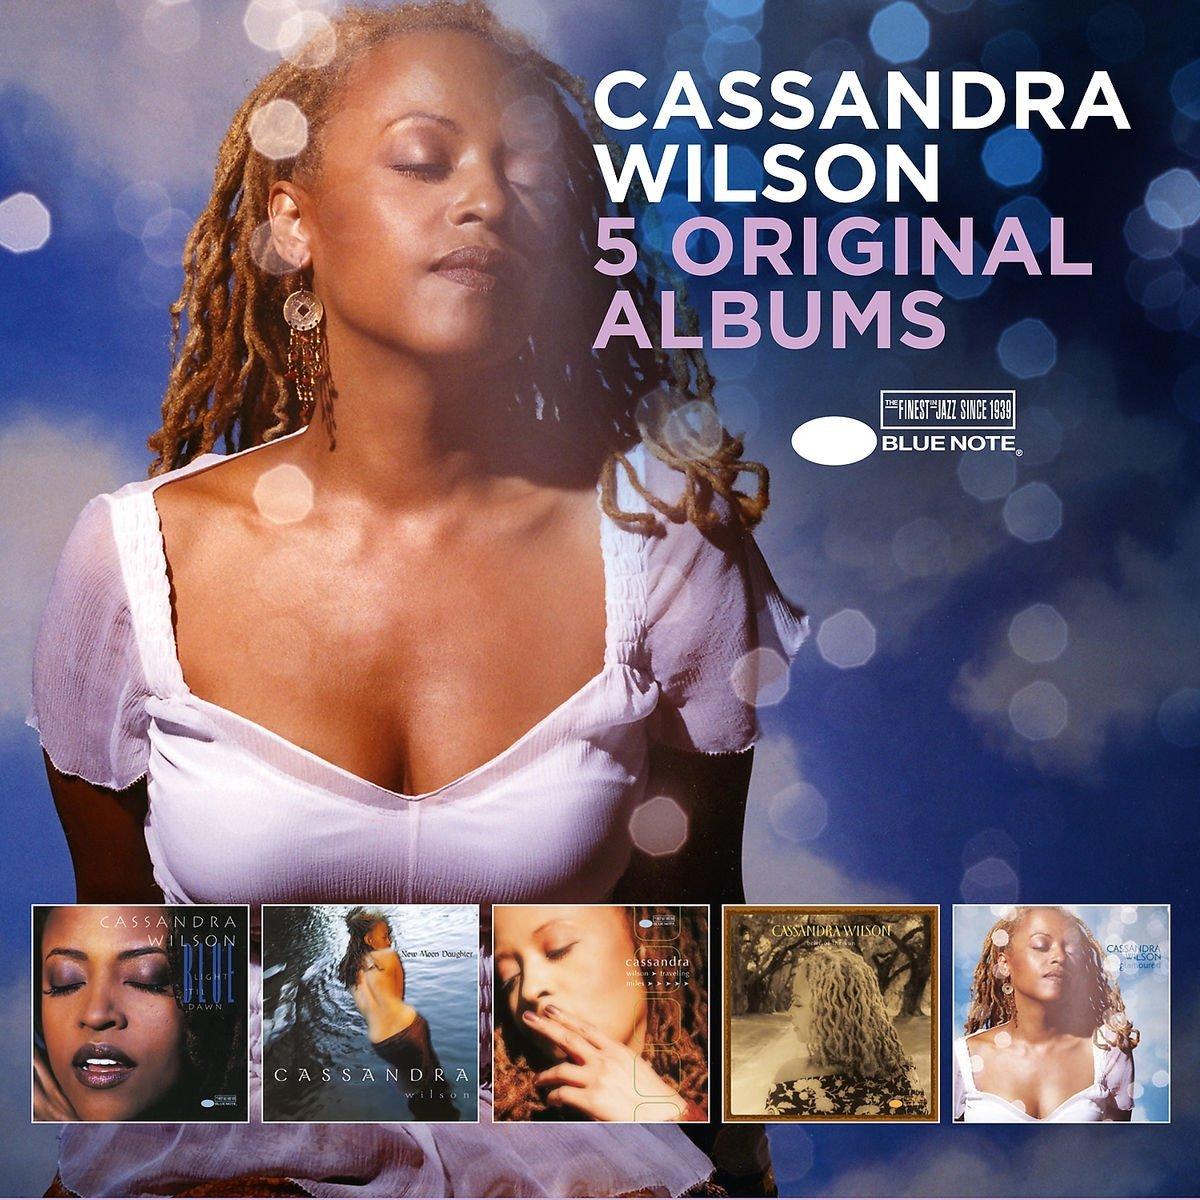 CASSANDRA WILSON - 5 Original Albums cover